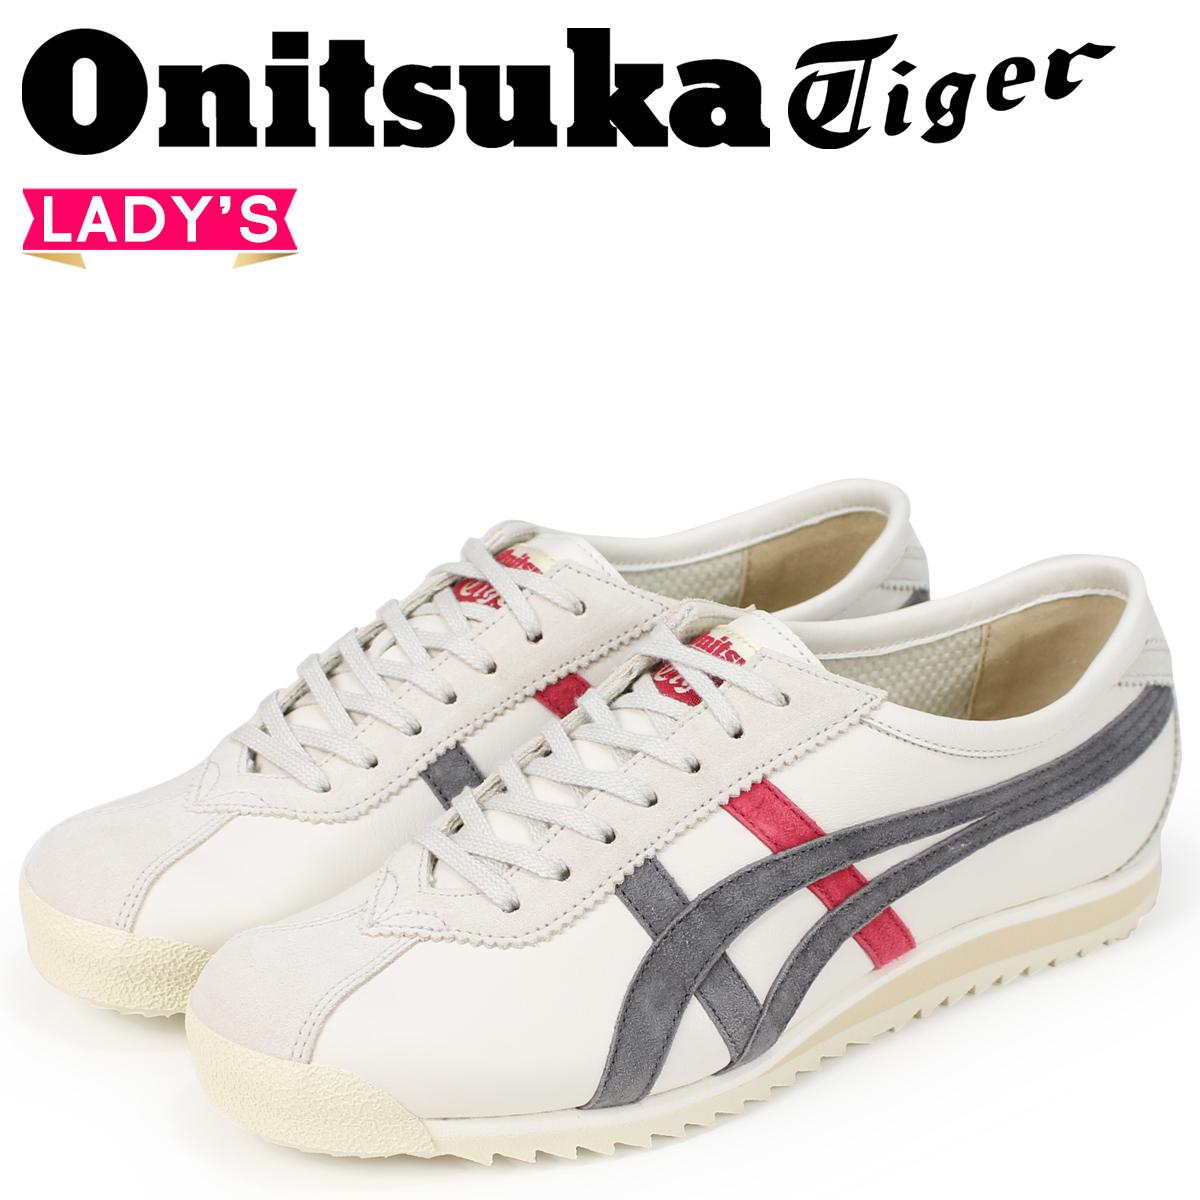 Onitsuka Tiger リンバー 66 オニツカタイガー LIMBER 66 PRESTIGE レディース スニーカー OT6000-201 ホワイト